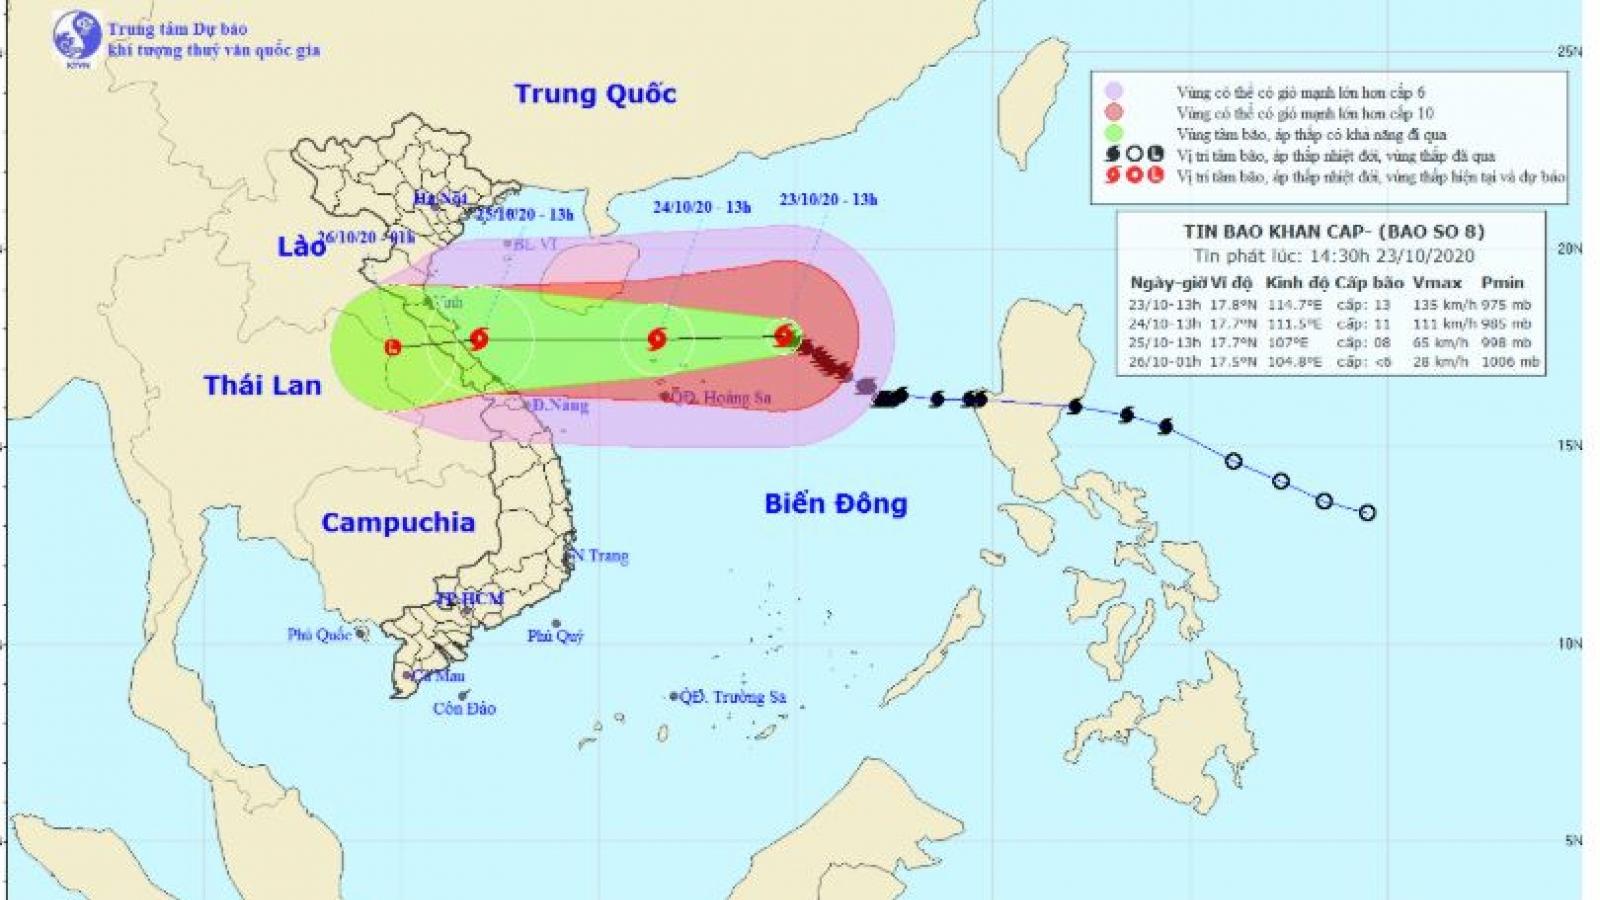 Bão số 8 giật cấp 15 còn cách quần đảo Hoàng Sa khoảng 280km